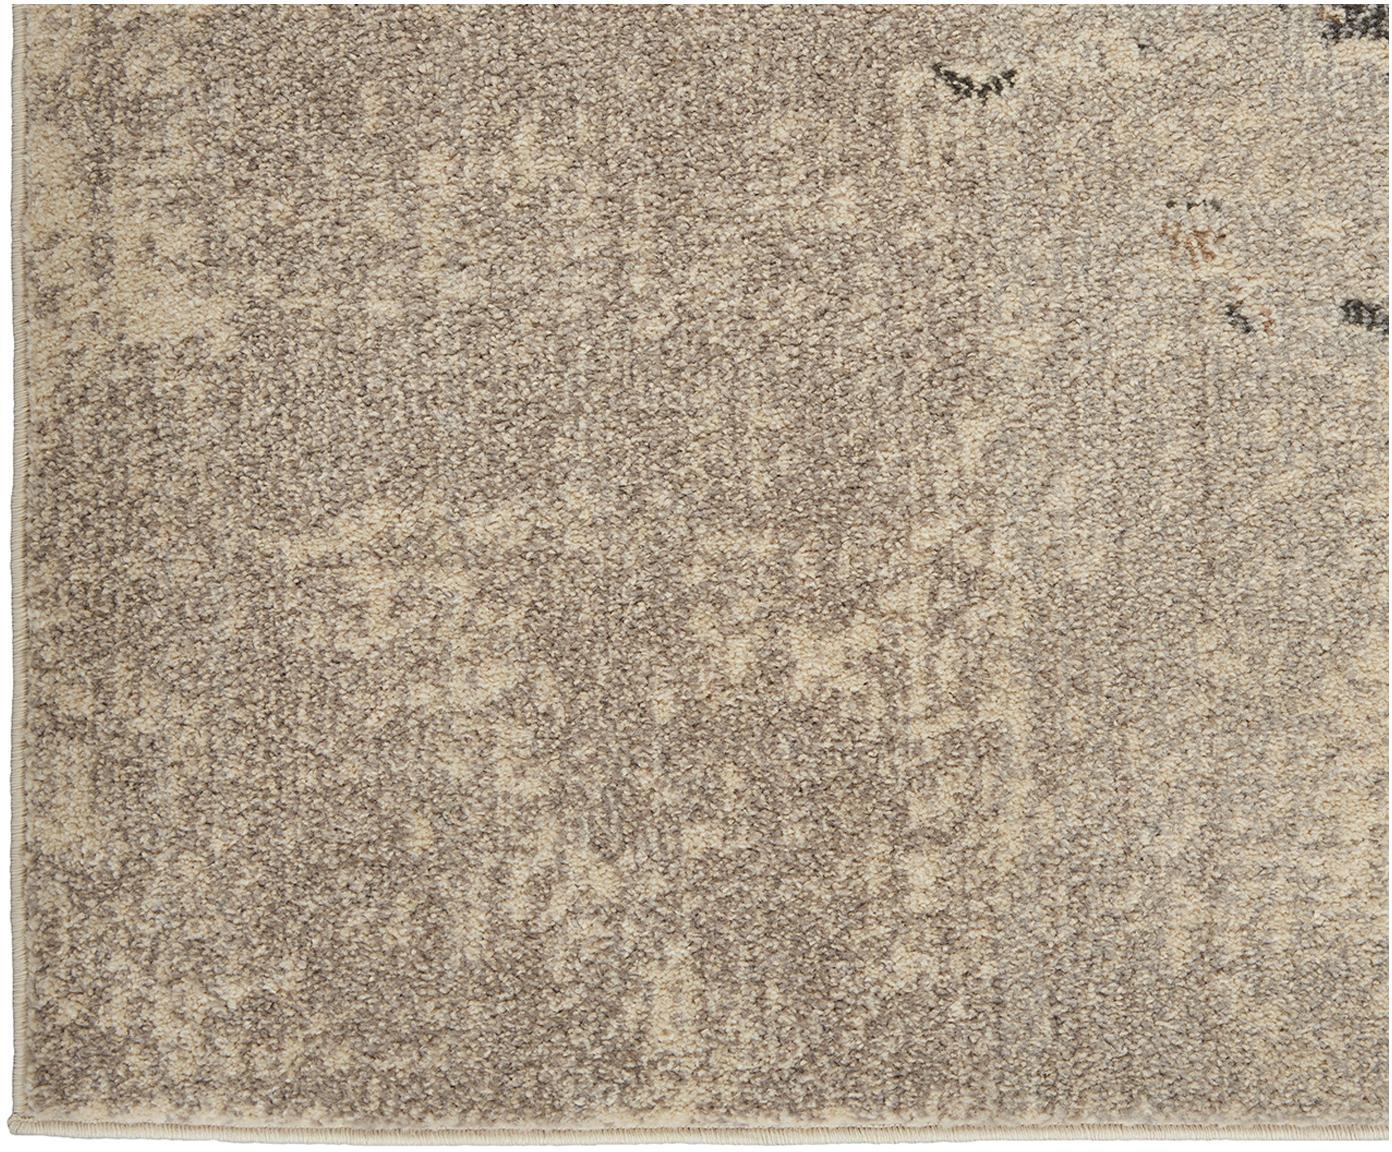 Design Läufer Celestial in Beige, Flor: 100% Polypropylen, Beigetöne, 60 x 180 cm